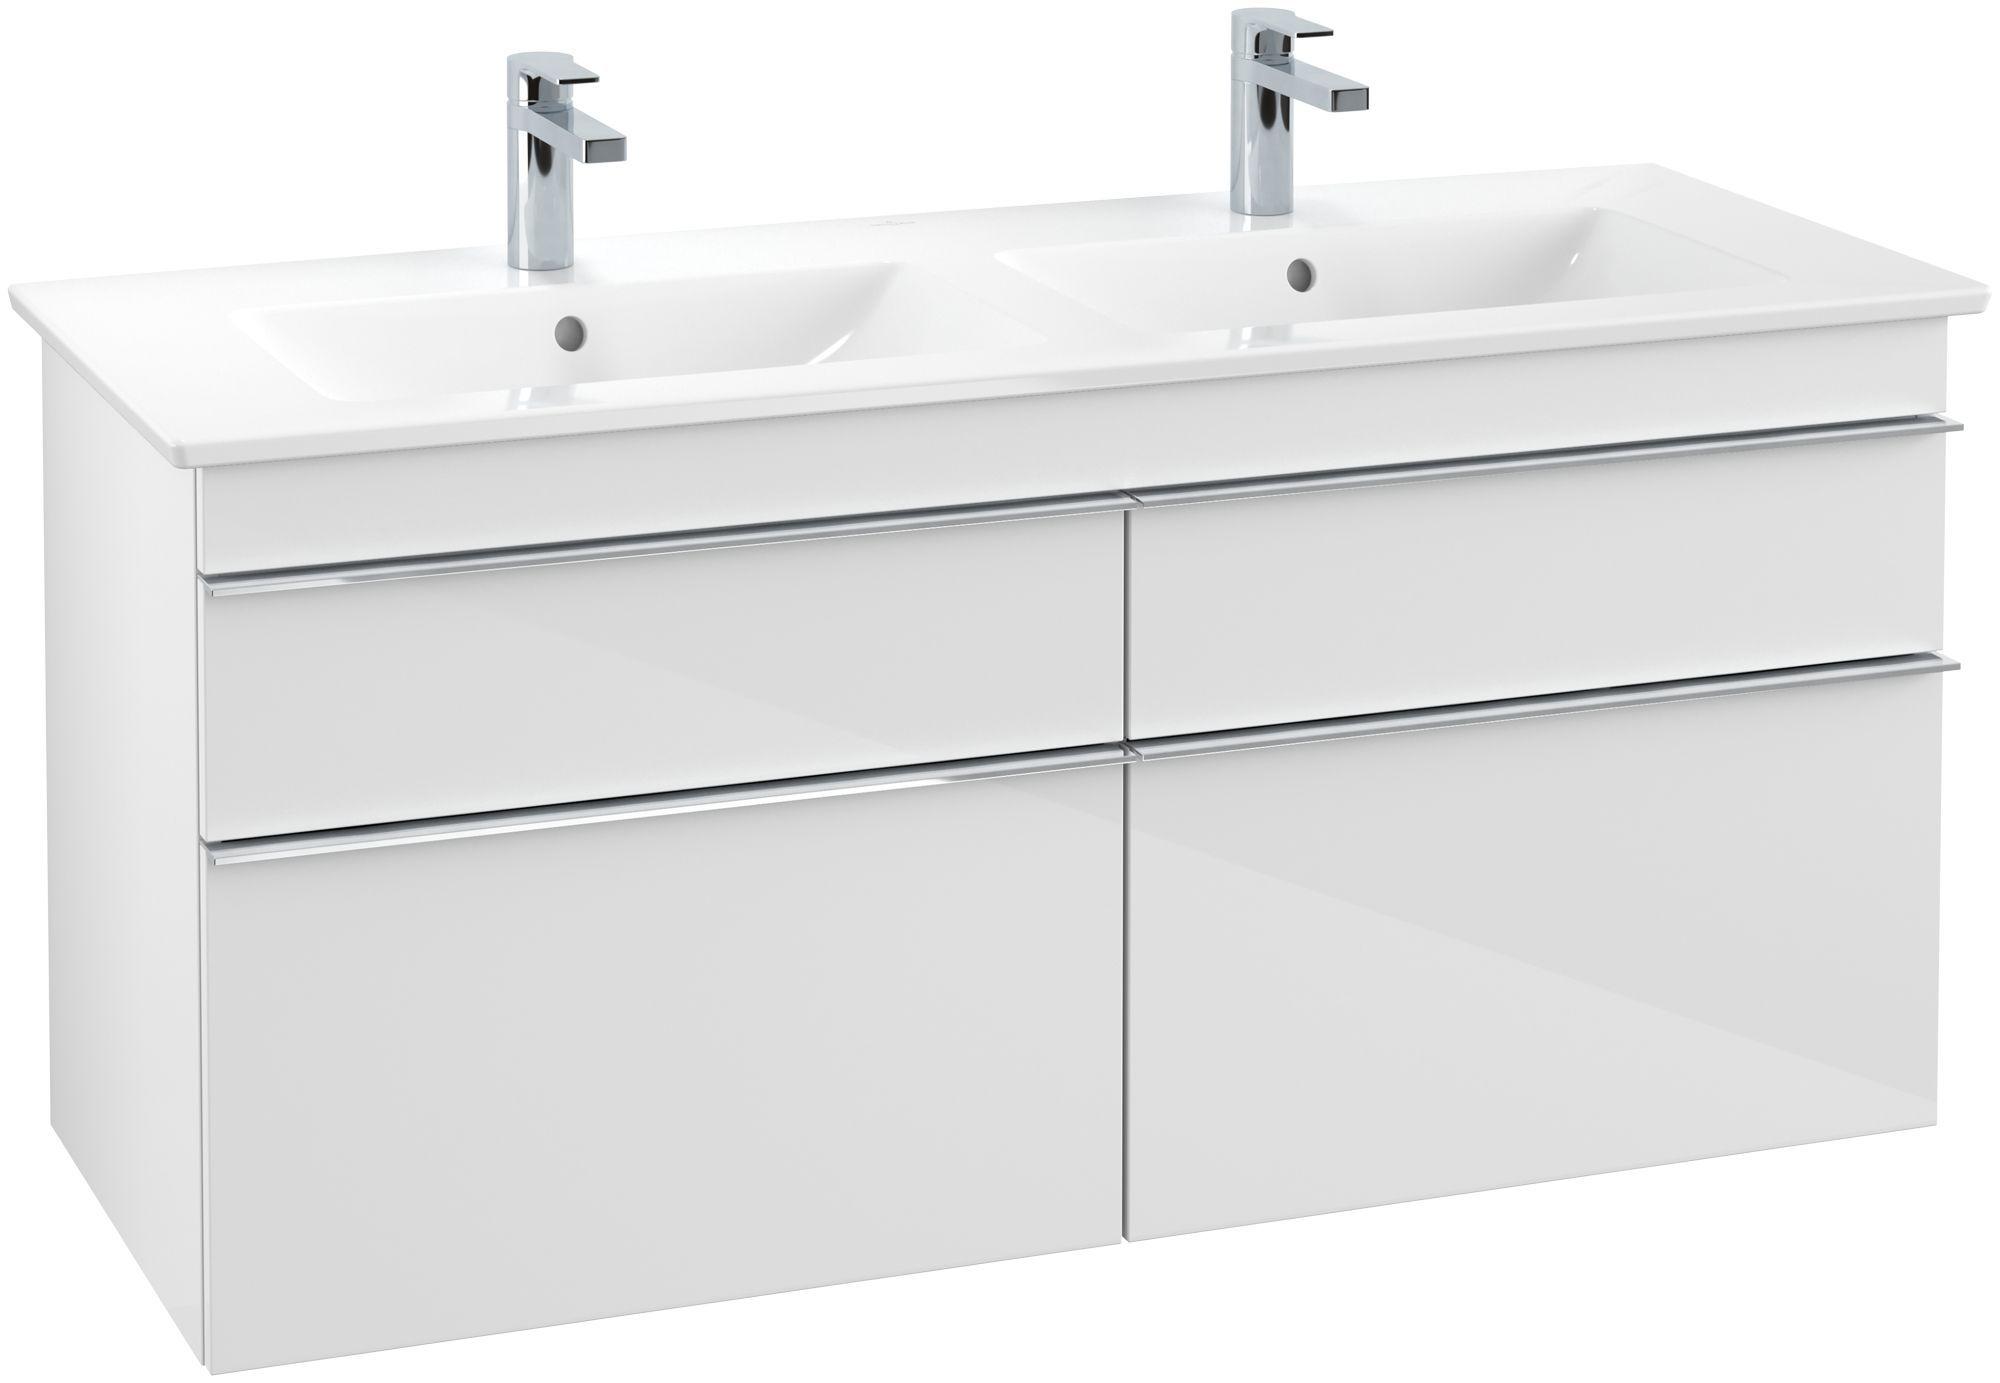 Villeroy & Boch Venticello Waschtischunterschrank 4 Auszüge B:1253xT:502xH:590mm glossy weiß Griffe chrom A93001DH